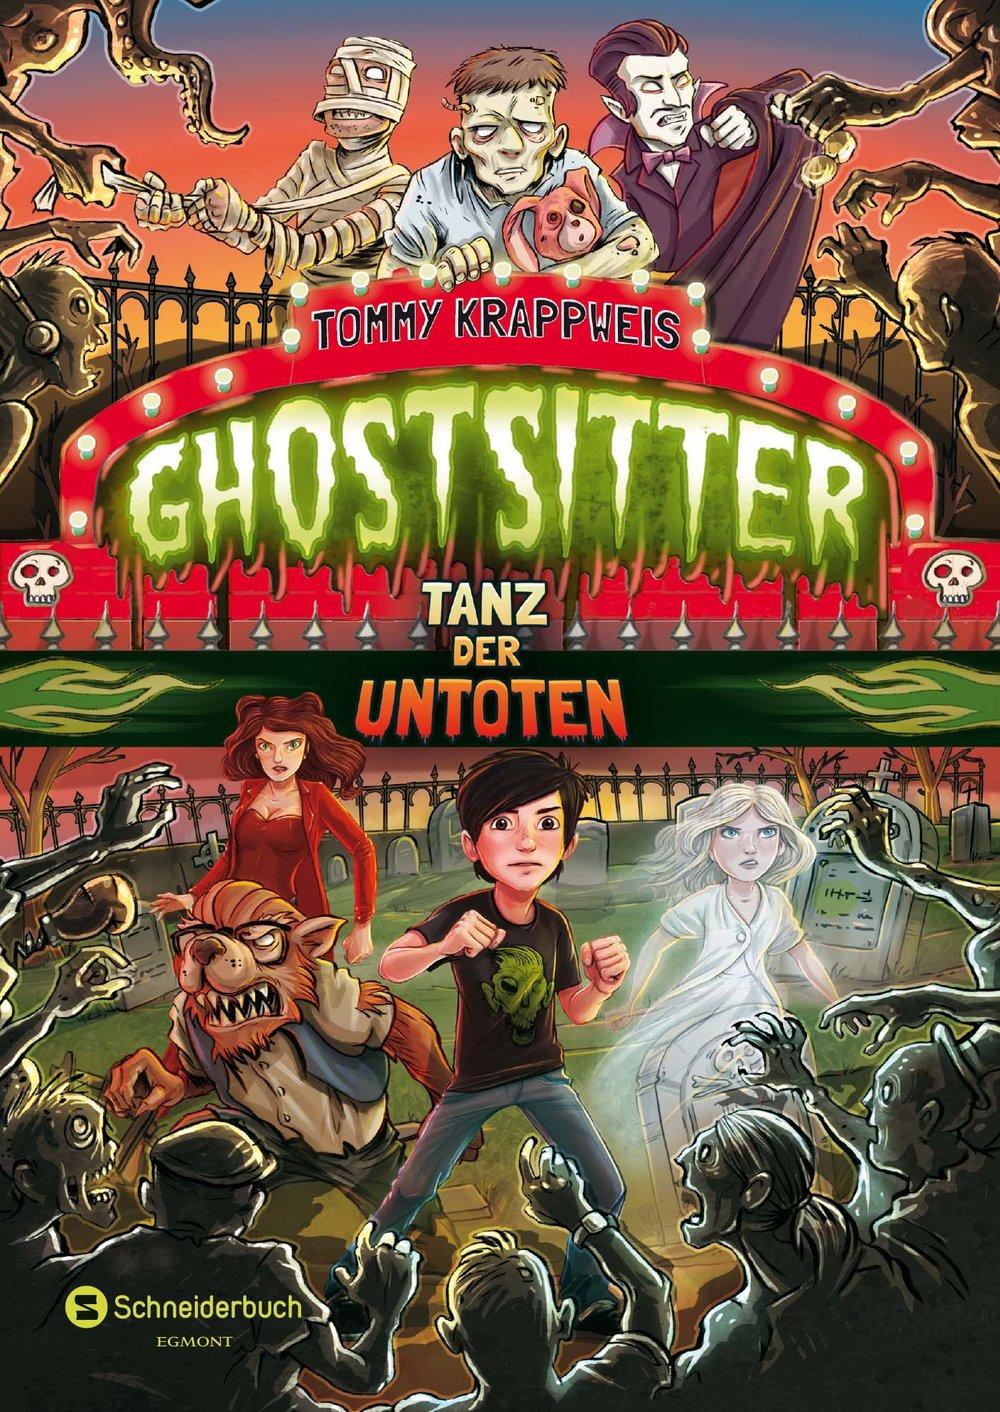 Ghostsitter-5-Tanz-der-Untoten_Tommy-Krappweiss.jpg